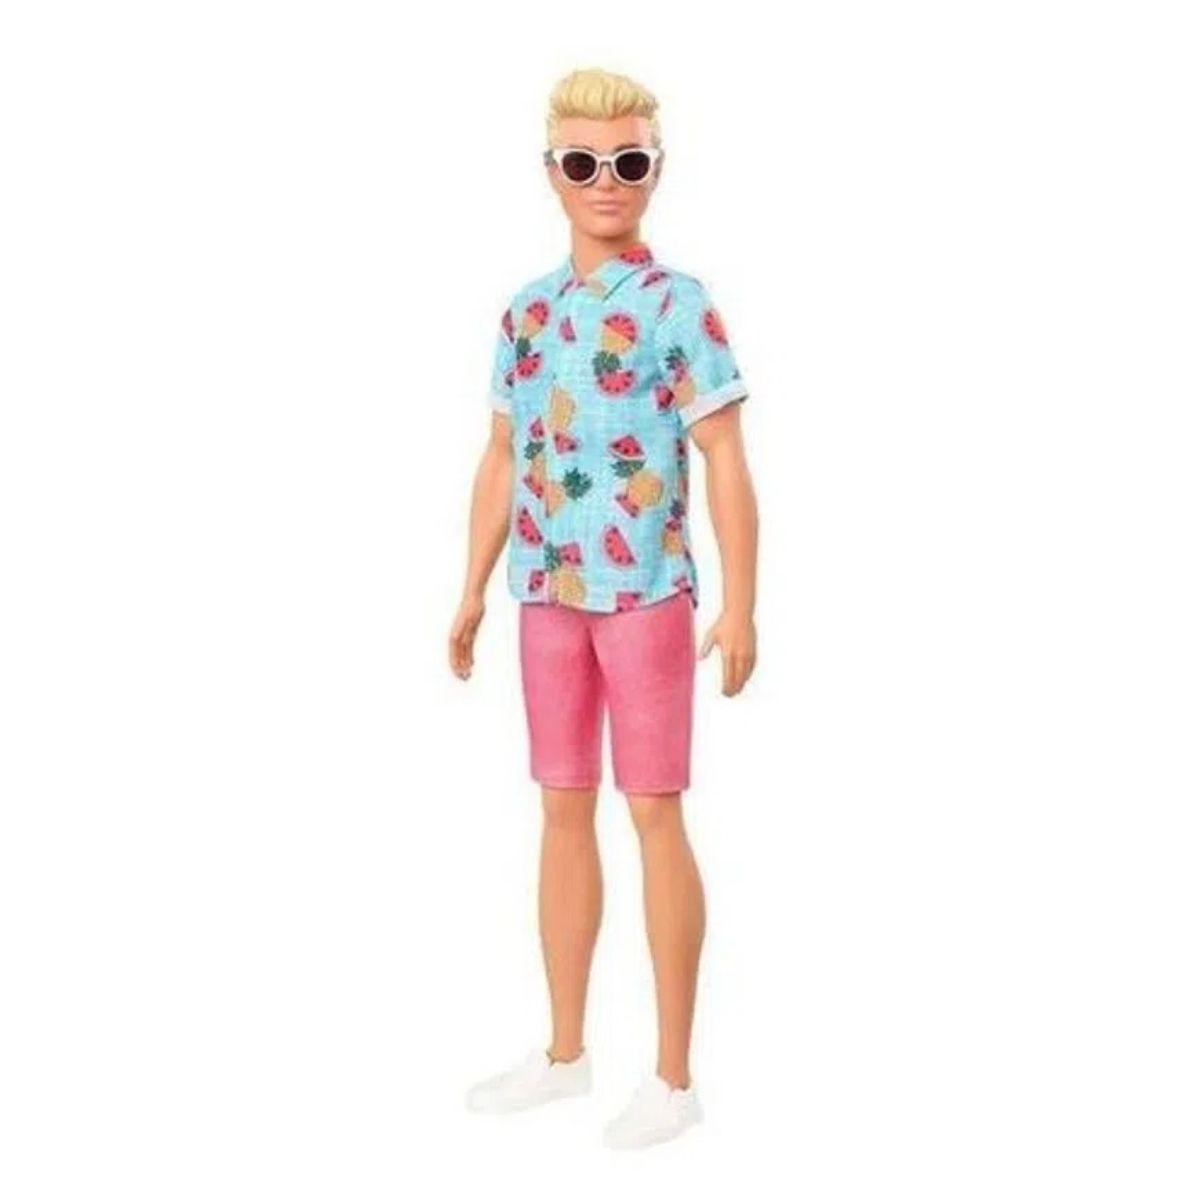 Boneco Ken Barbie Fashion Loiro Verão Óculos Sol Modelo 152